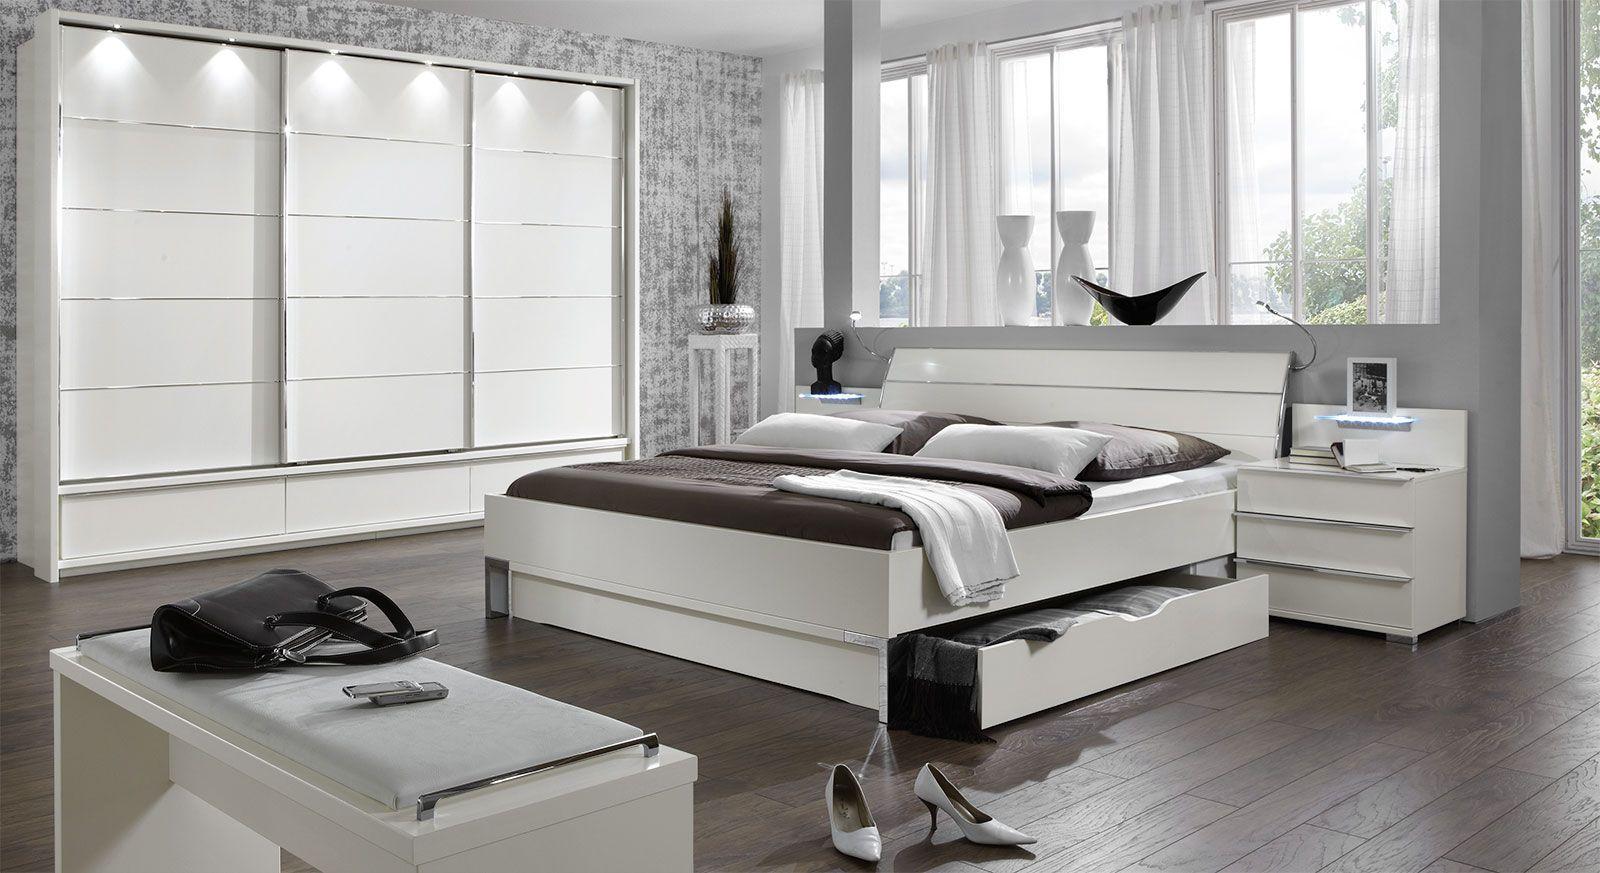 Uberlegen Modernes Schlafzimmer Mit Enormen Stauraummöglichkeiten! Platzsparen Mit  Praktischen Bettschubkästen!